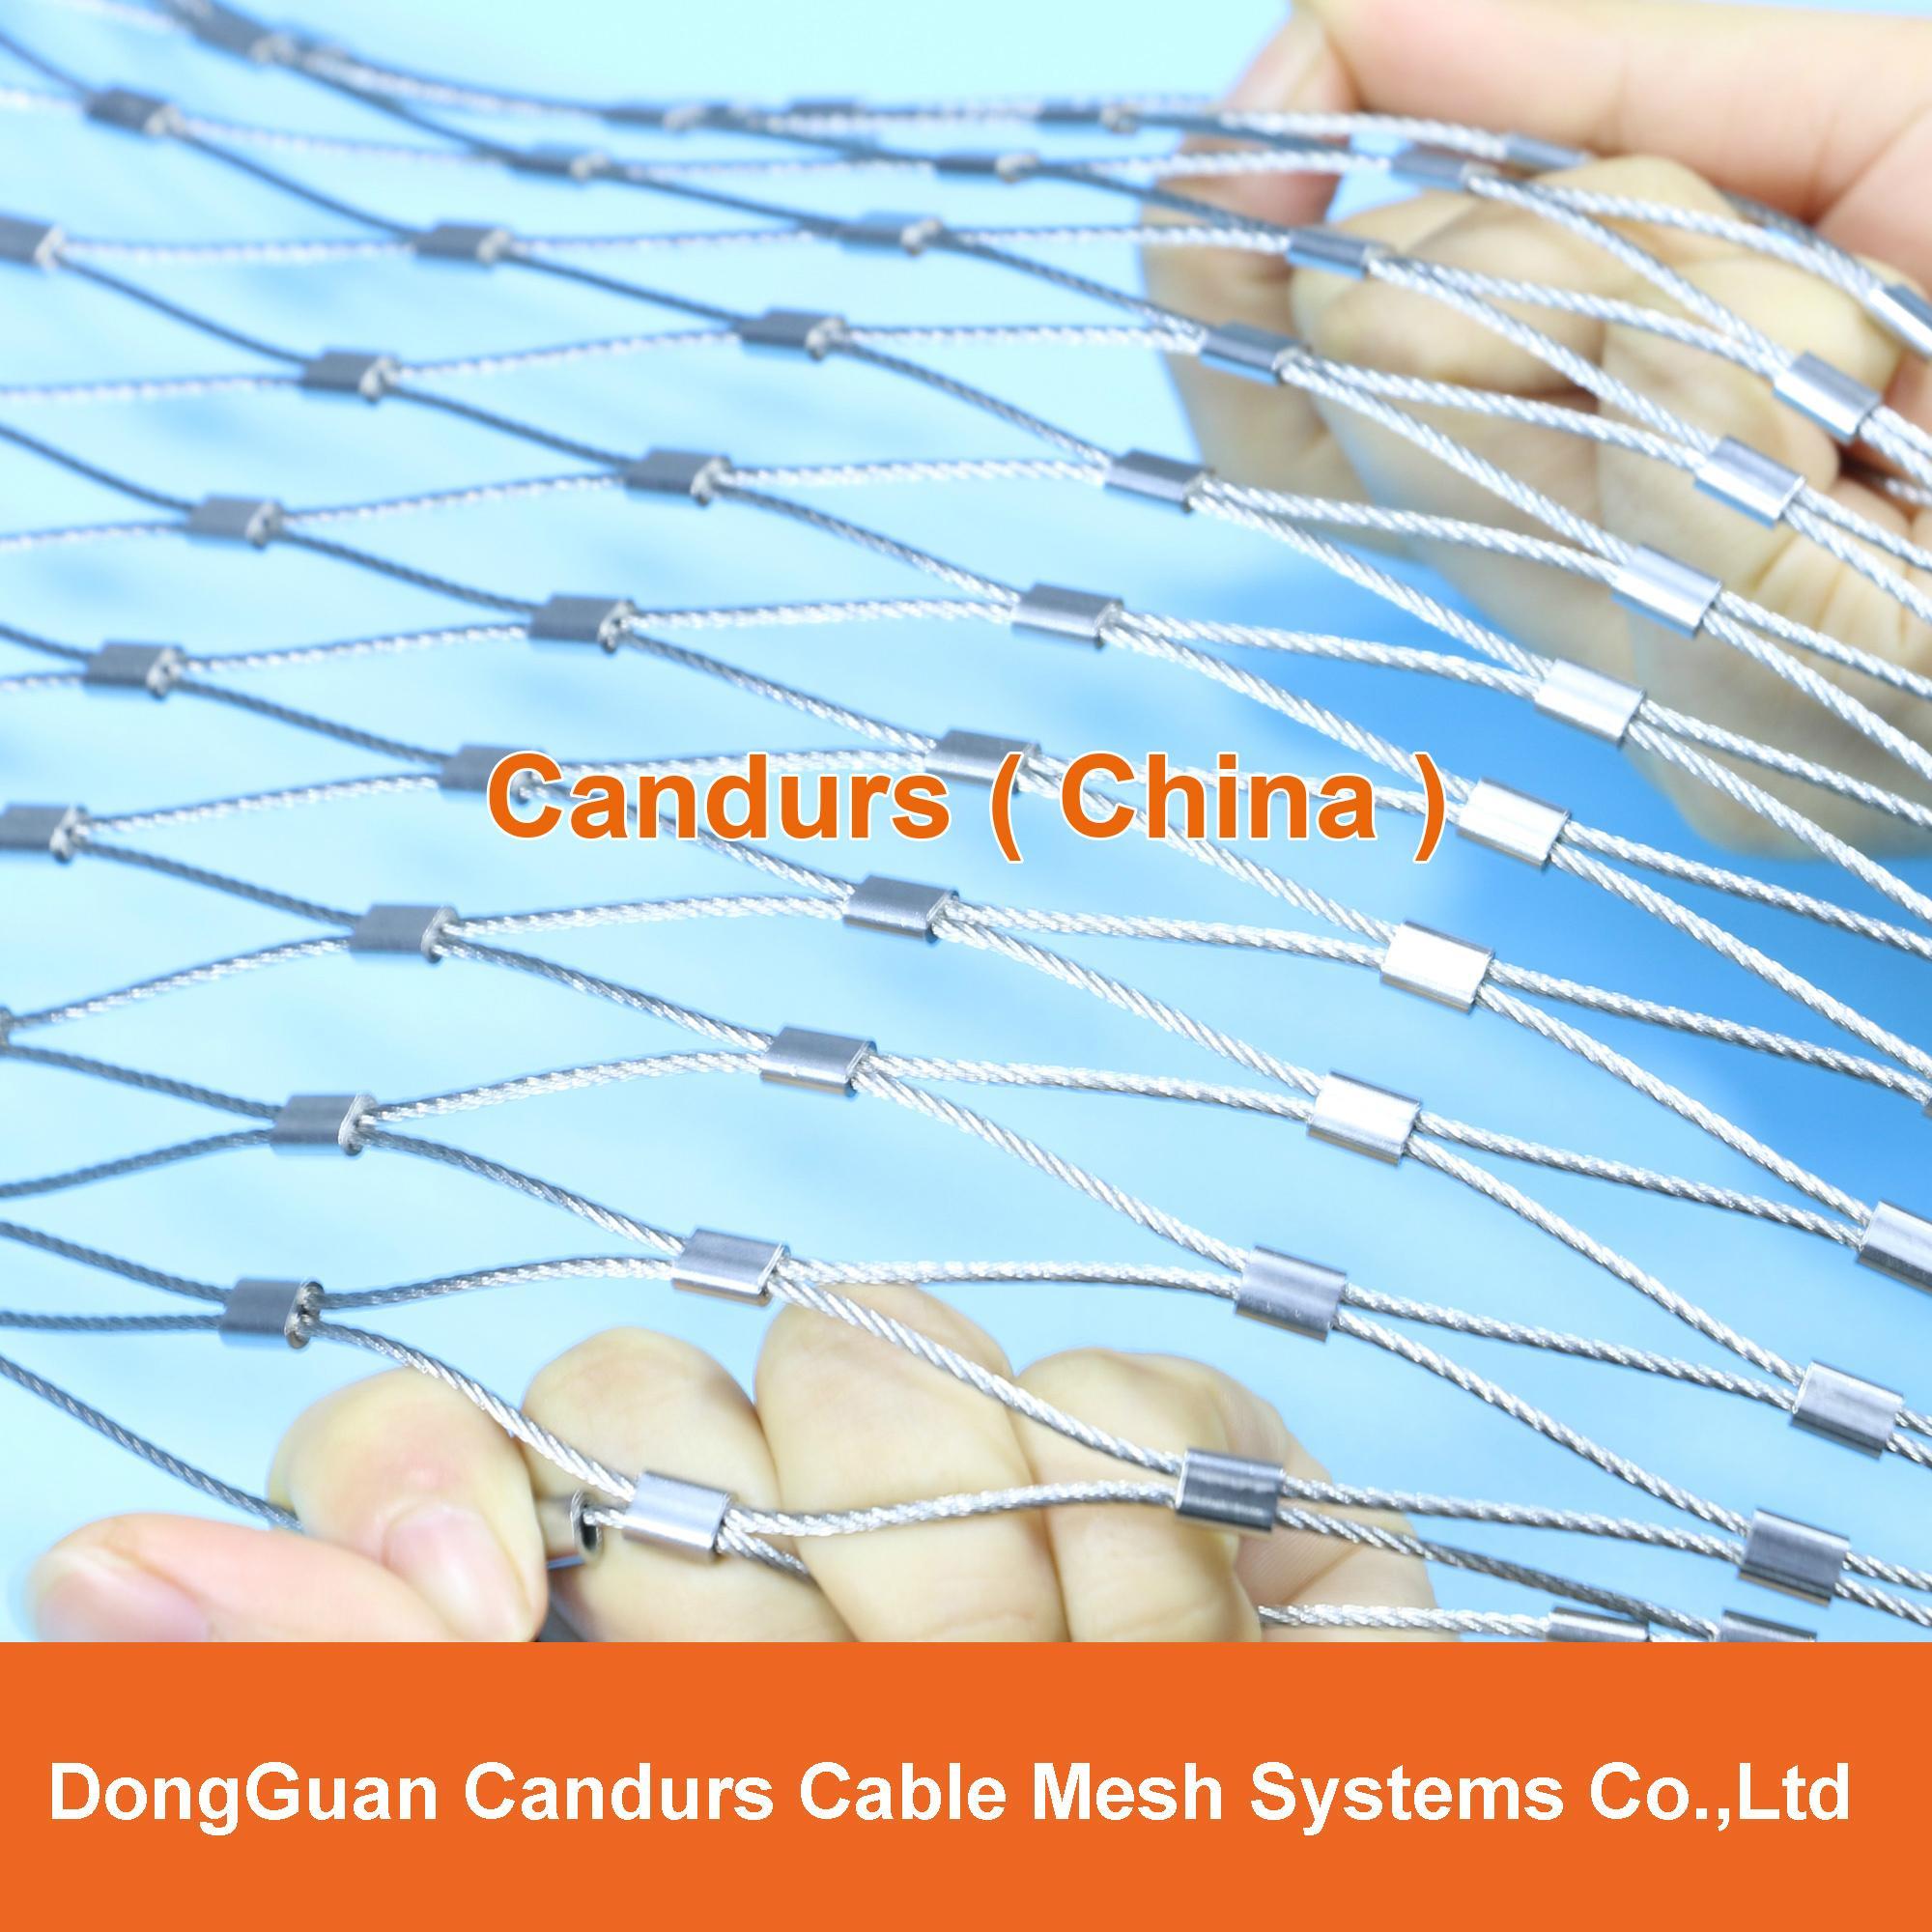 植物攀爬柔性不鏽鋼網 5